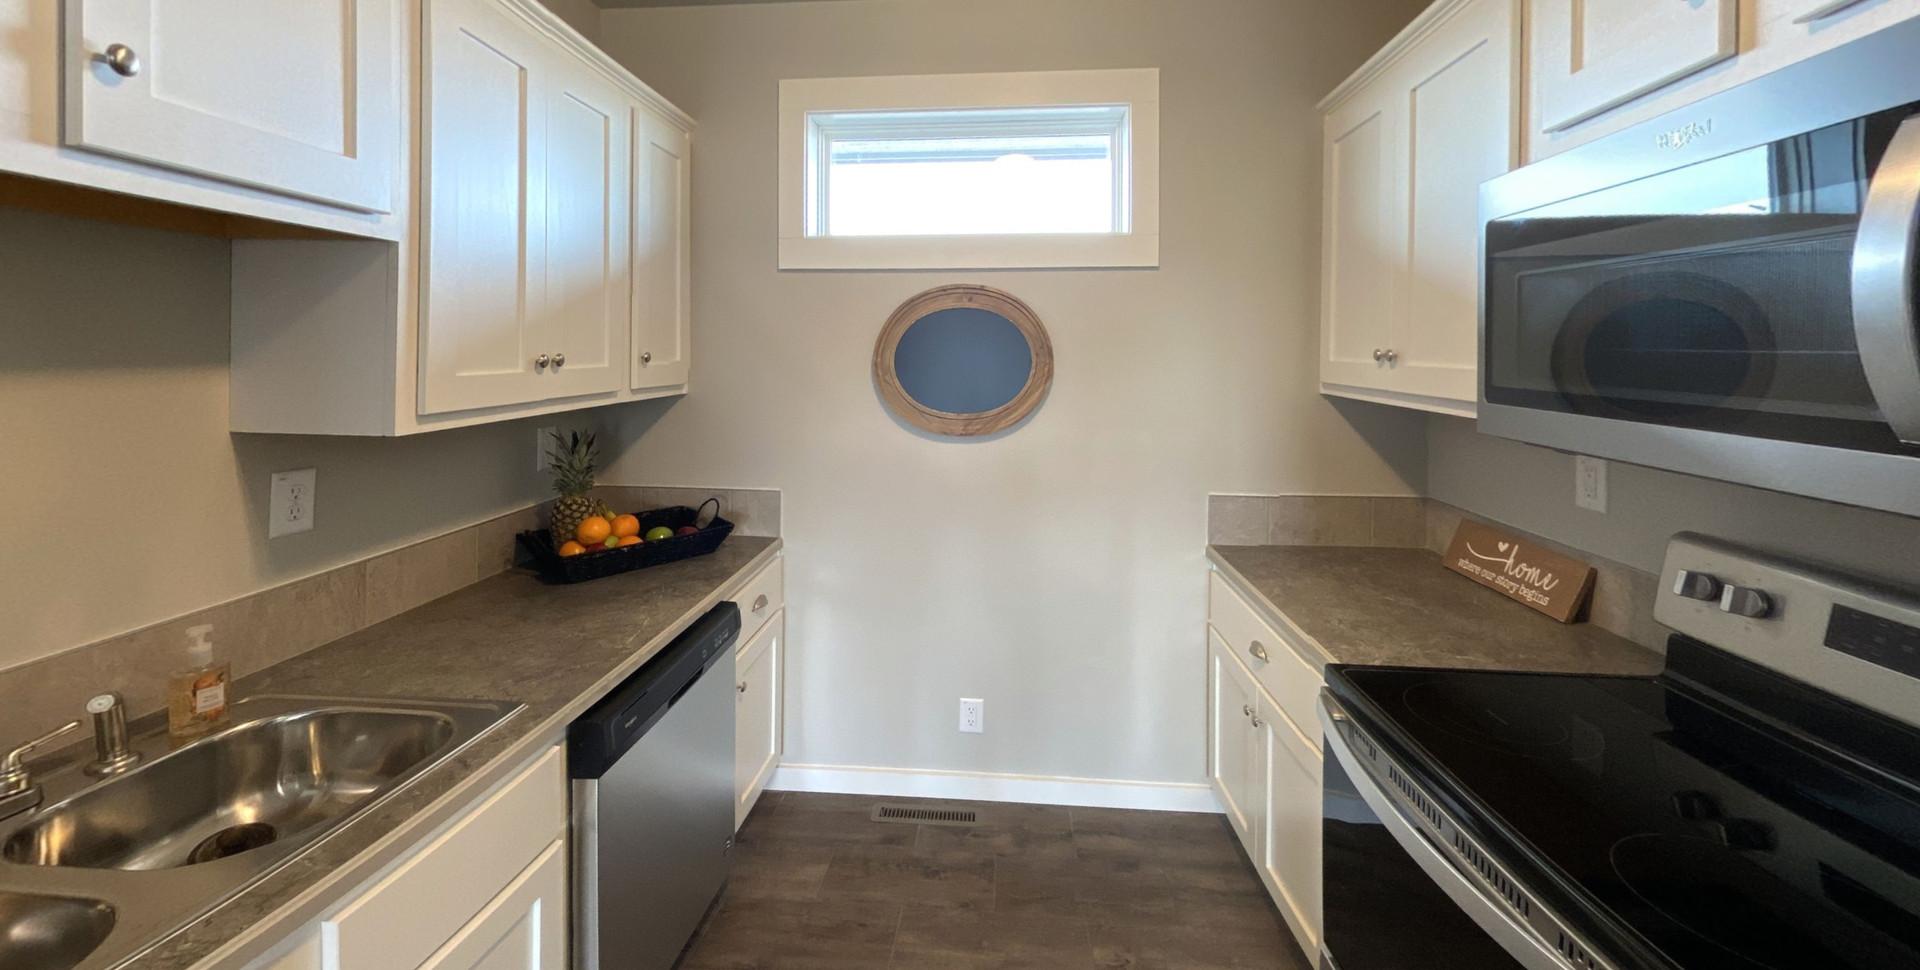 310-Omnia-Kitchen.jpg